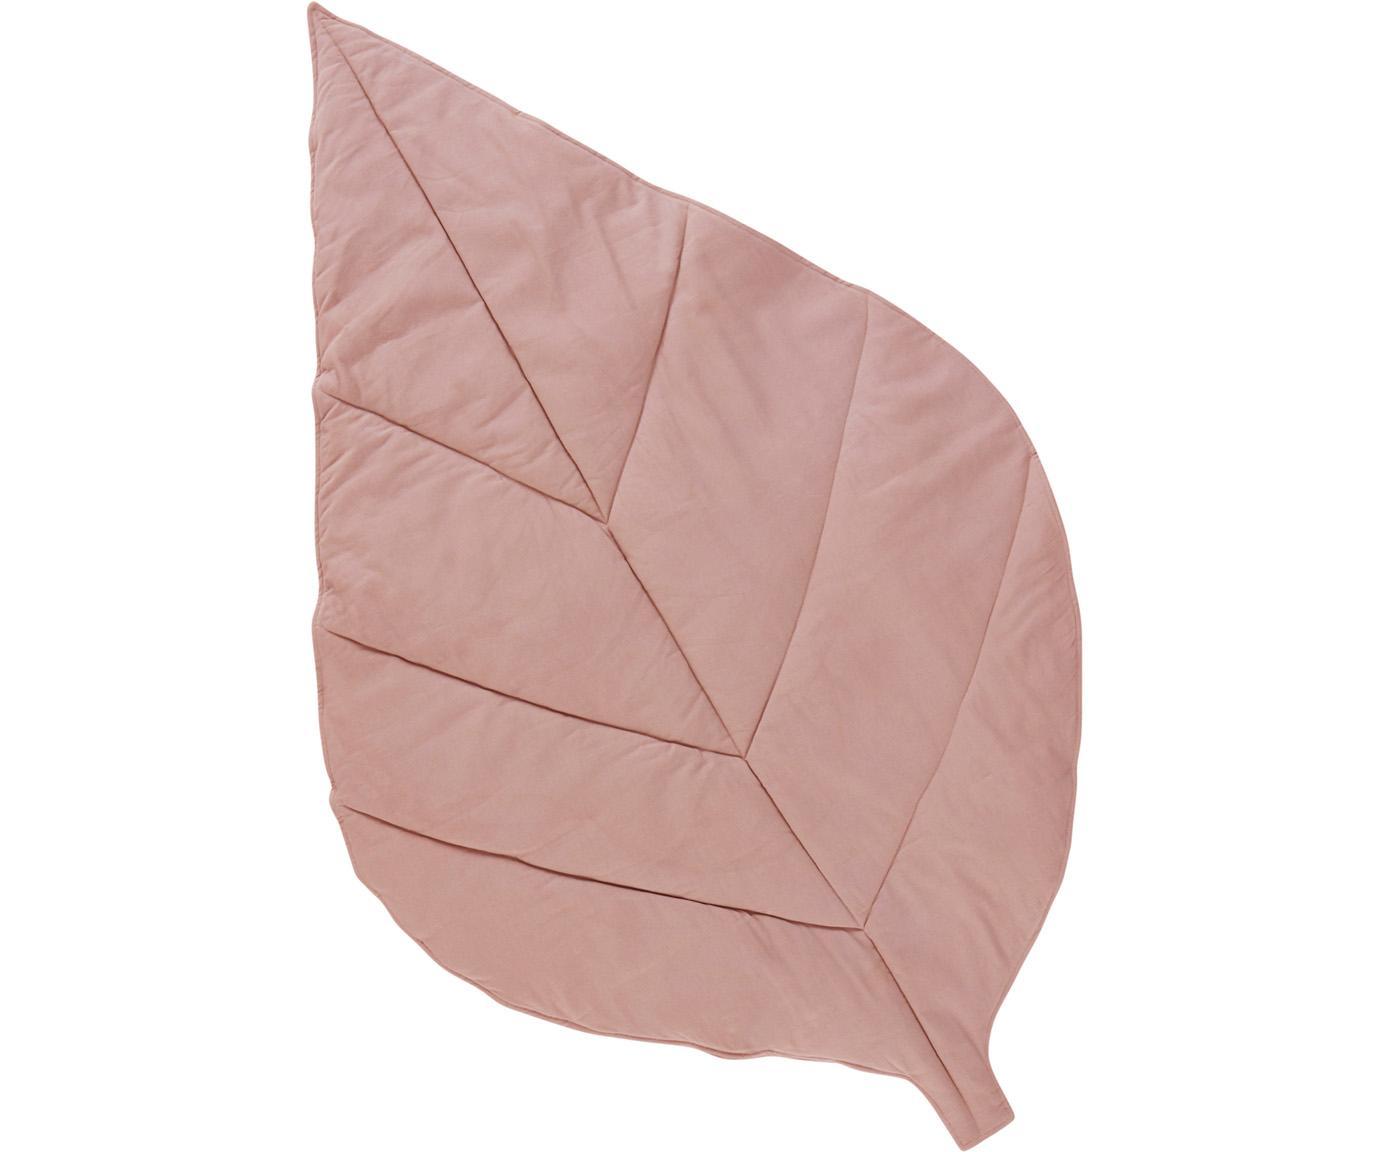 Tappeto da gioco Keaton, Rivestimento: 100% cotone bio, Rosa, Larg. 100 x Lung. 165 cm